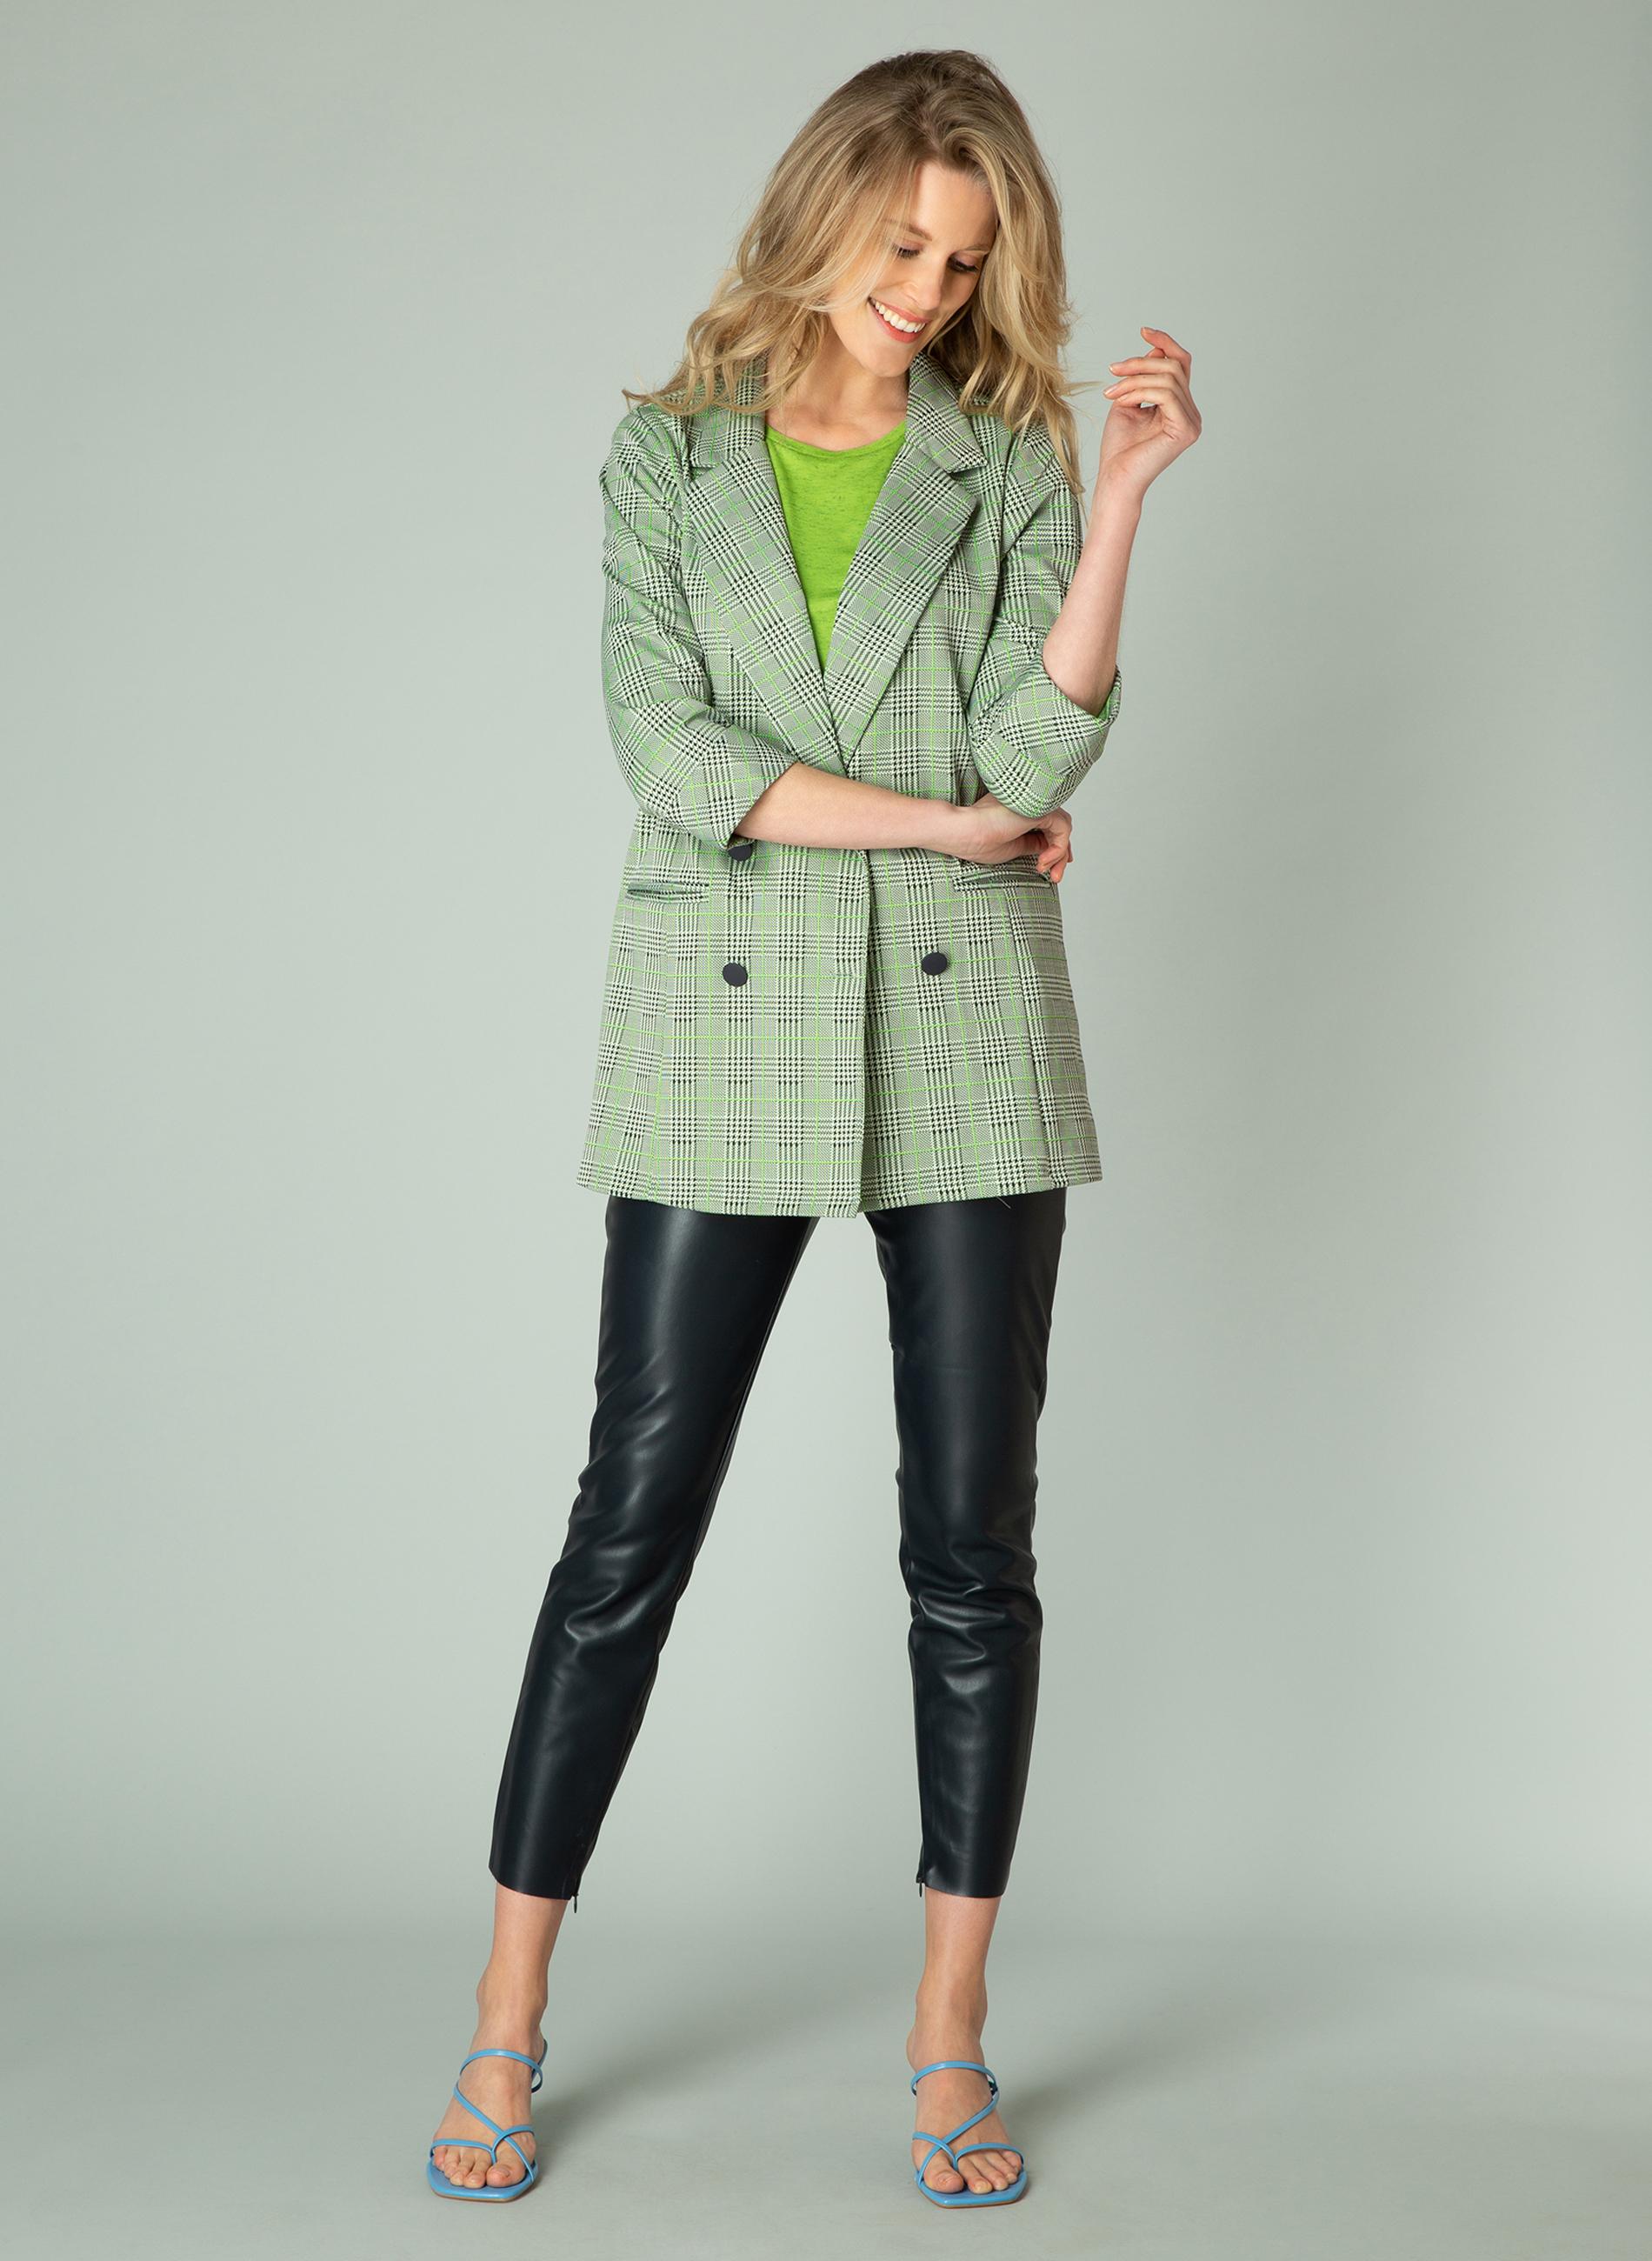 Yest Jacket Gillian 76 cm